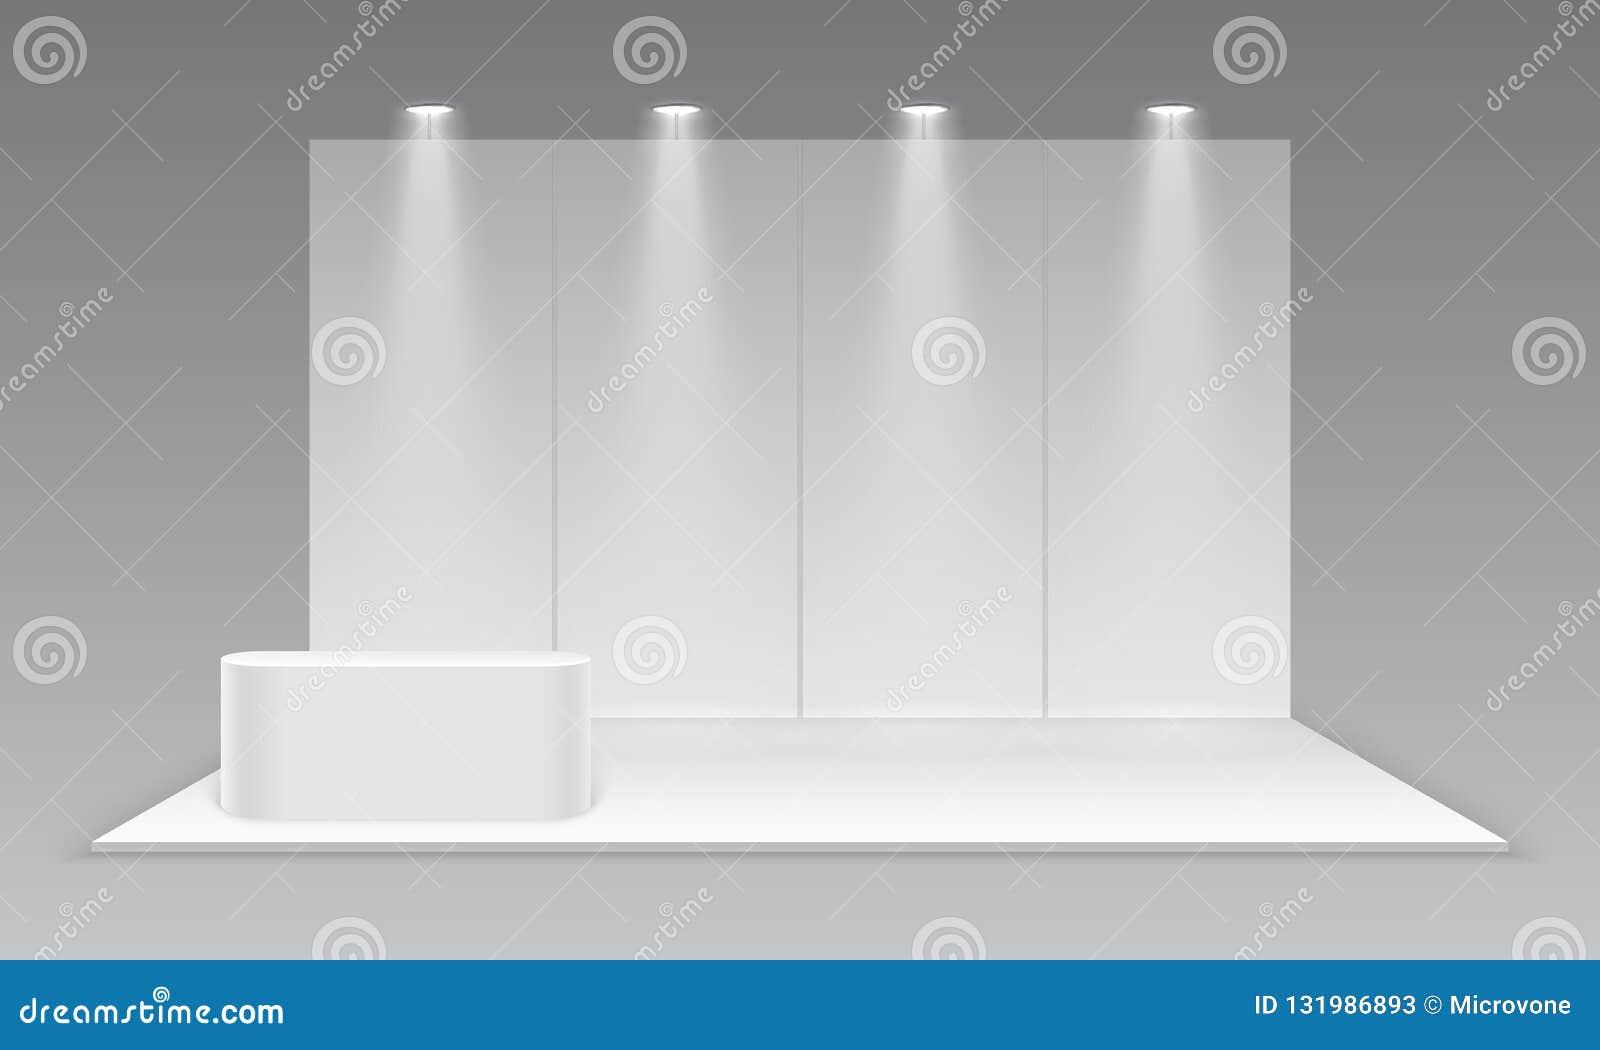 Cabina en blanco de la feria profesional de la exposición Soporte publicitario promocional vacío blanco con el escritorio Exhibic